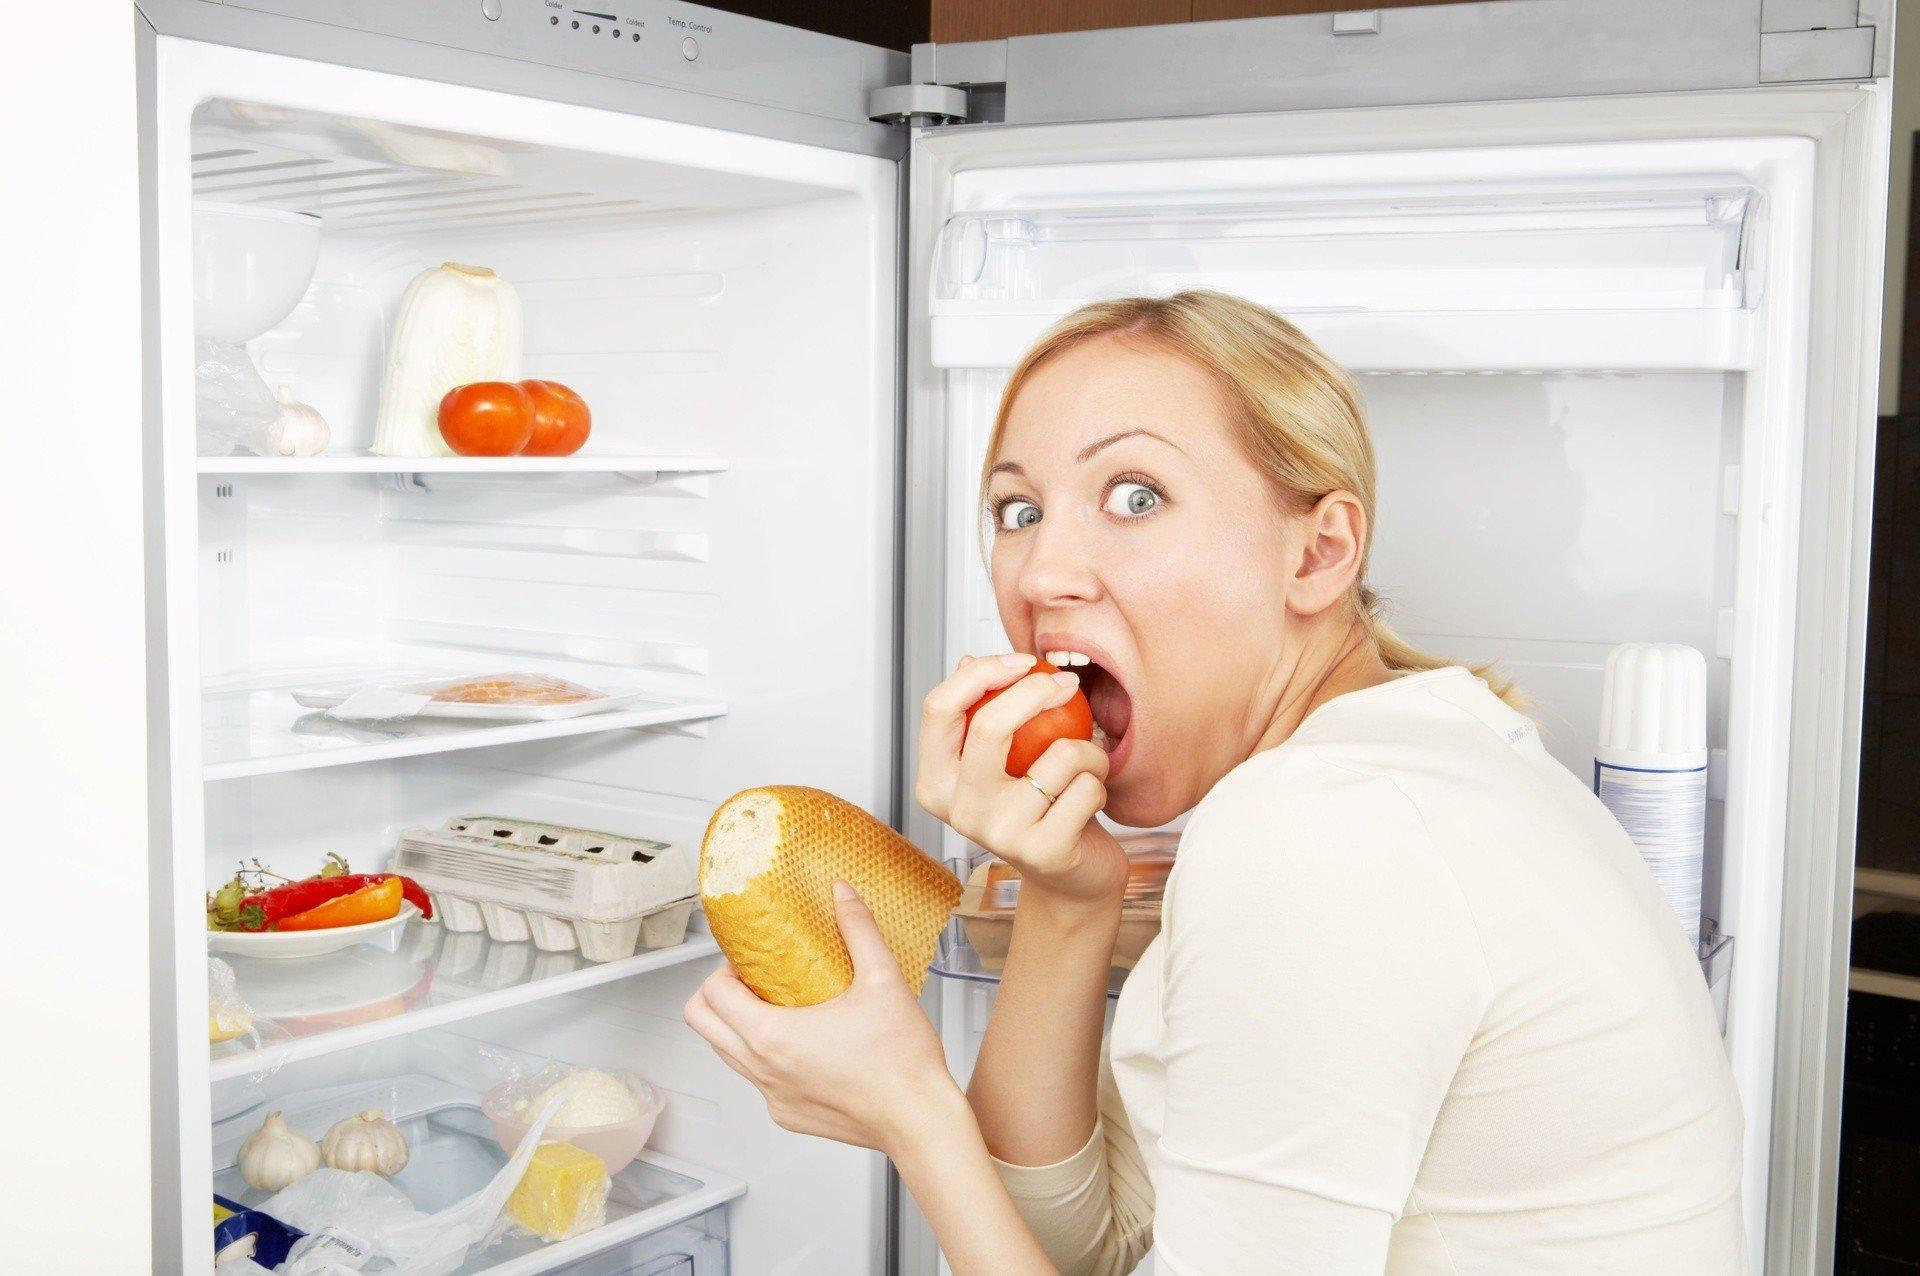 Живот сегодня не празднует: как утолить чувство голода во время диеты